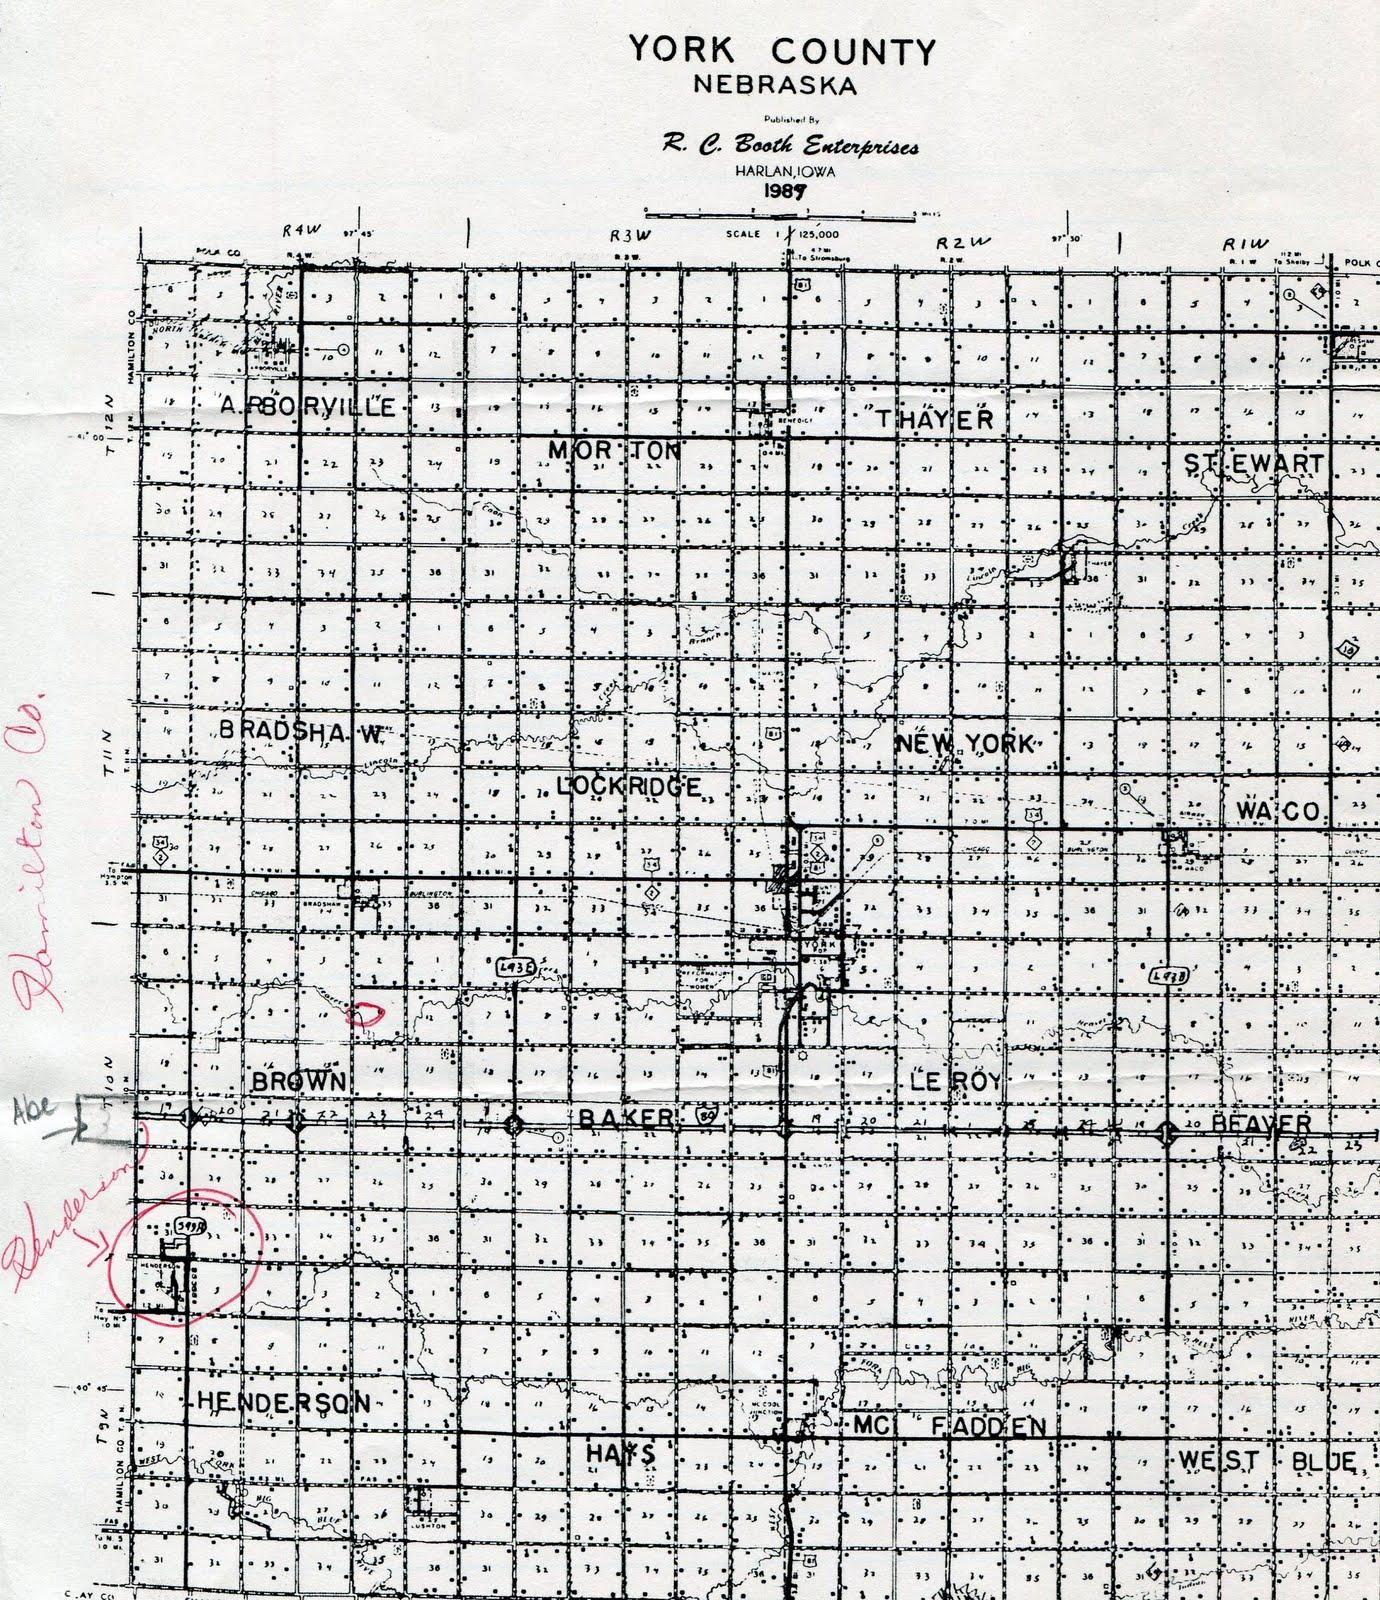 Nebraska hamilton county - Chapter 11 Boone County To Hamilton County 1884 1900